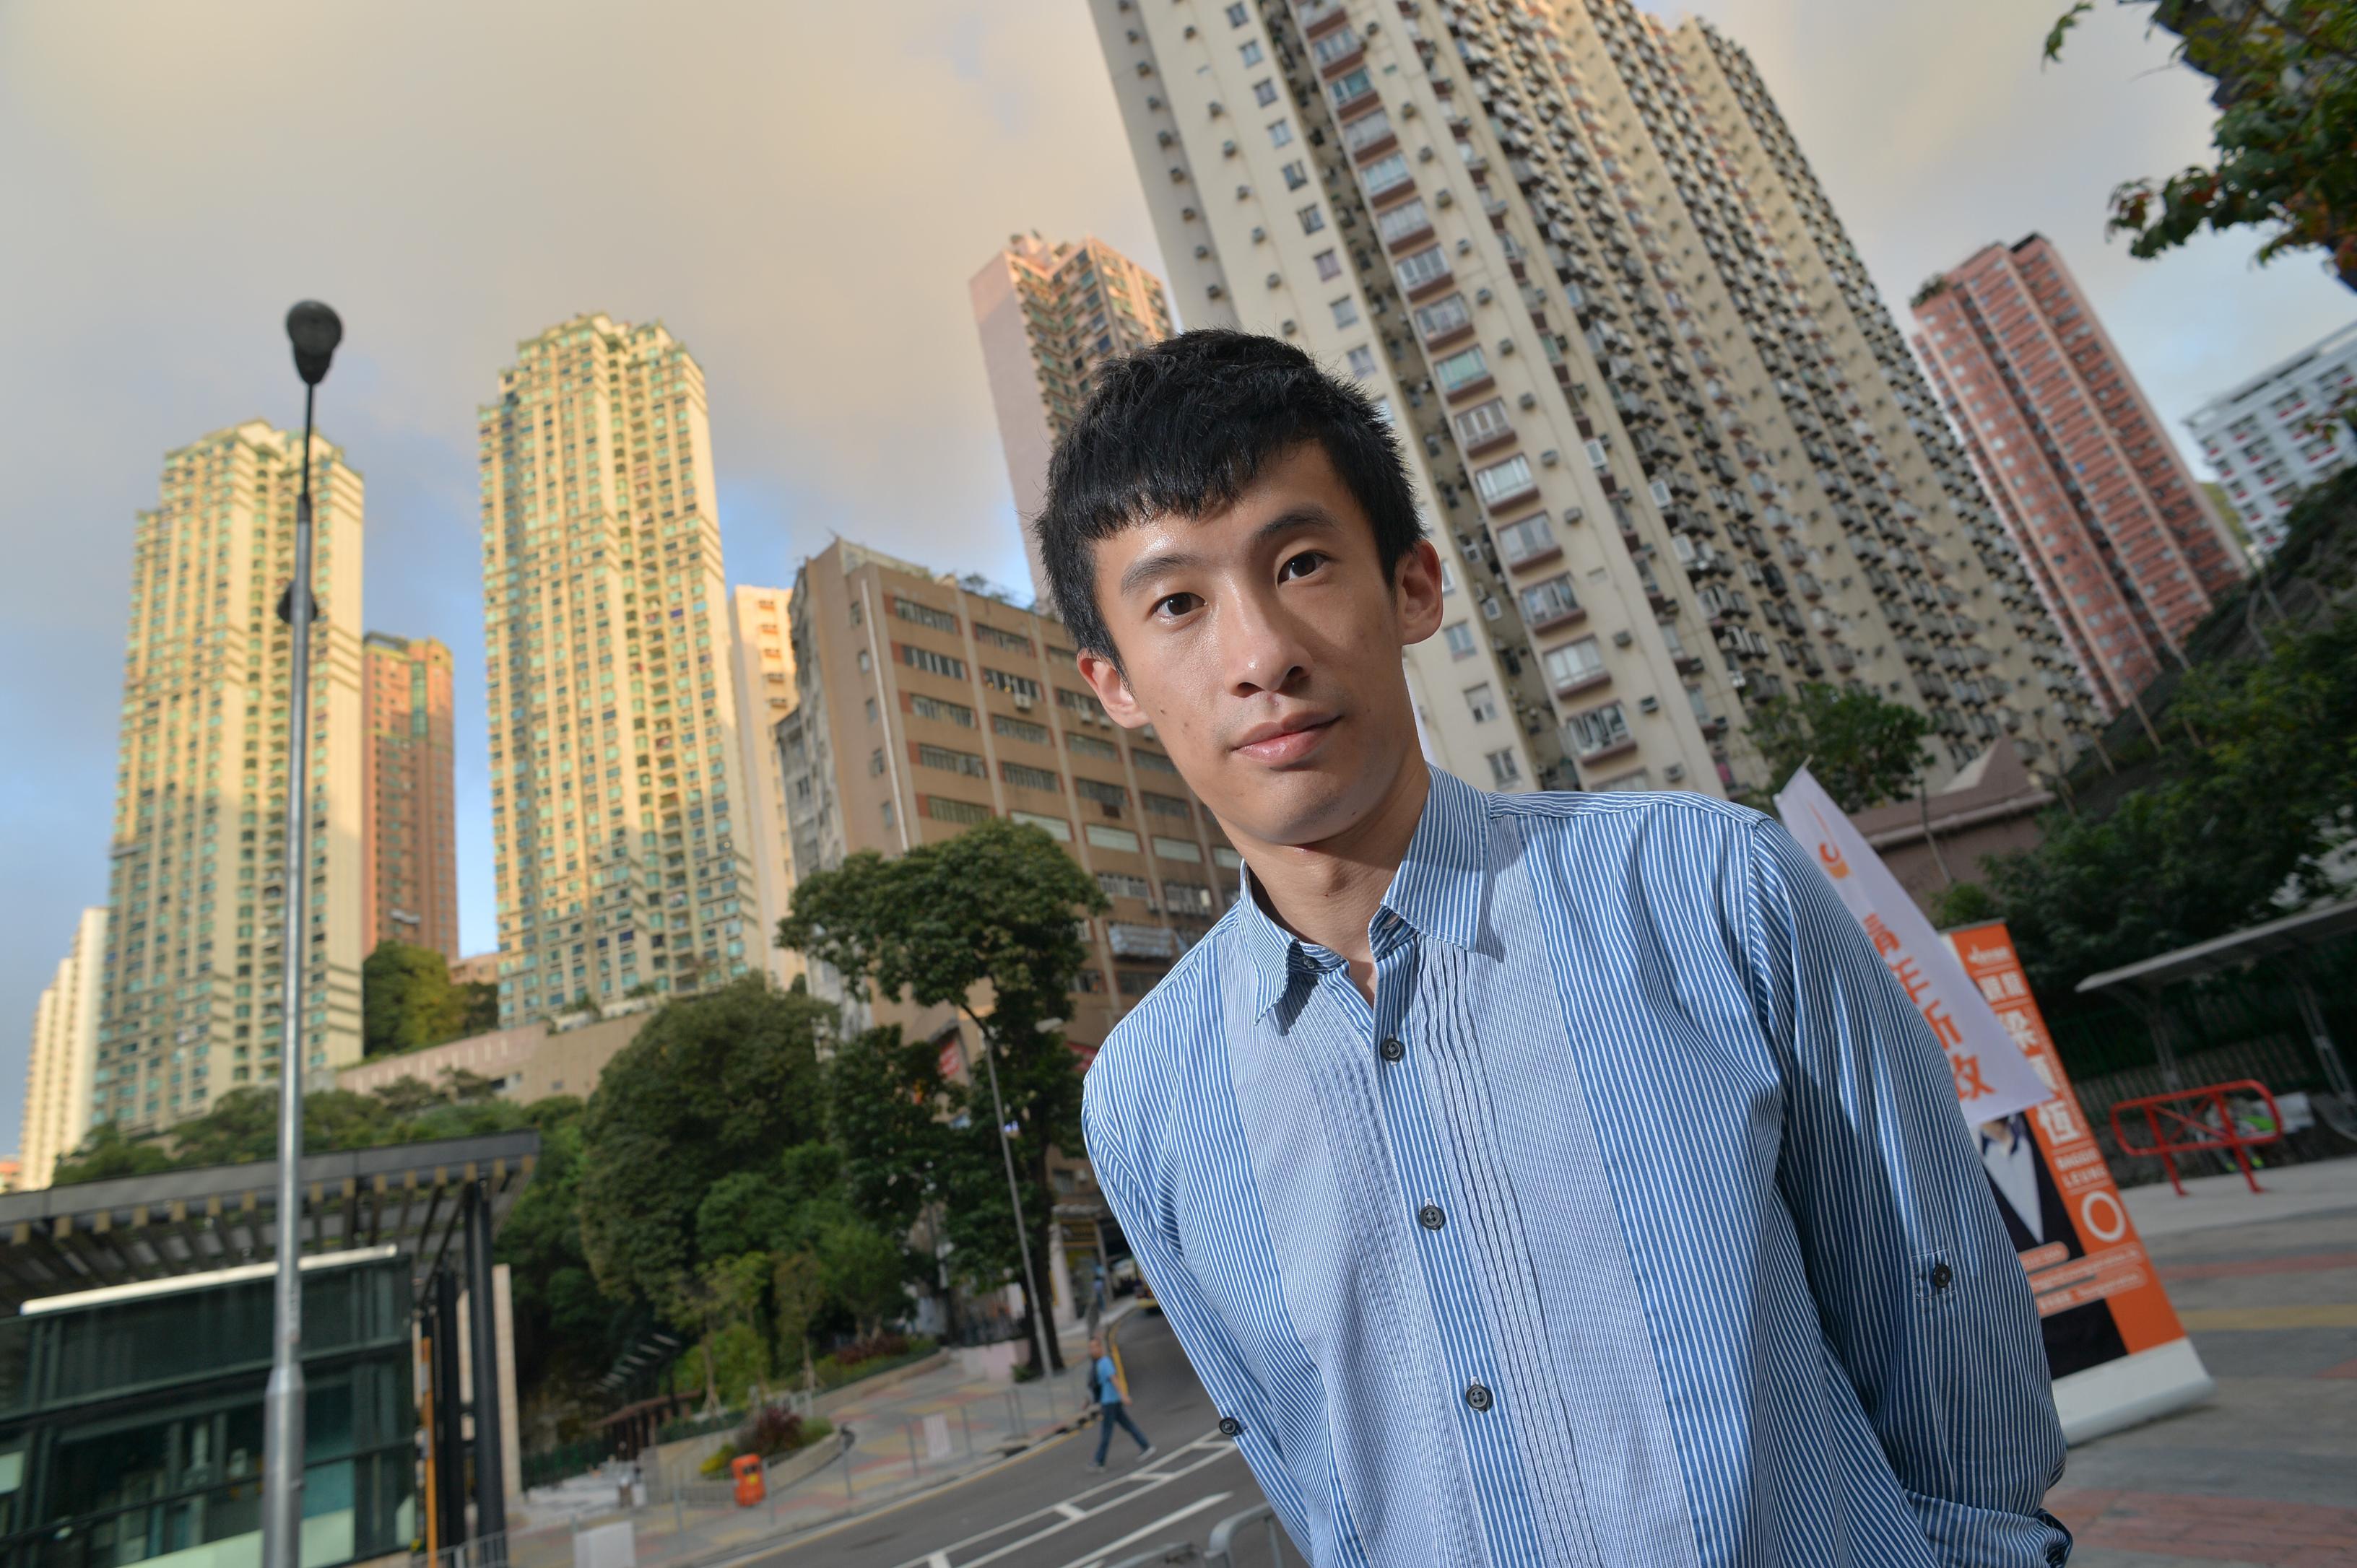 梁頌恆身為傘兵,於大型社會運動後到觀龍區出選,不難令街坊回想2003年空降議員何秀孄勝出後未有落力工作的往事,梁希望過件往1年的地區工作可著街坊安心。(蘇智鑫攝)